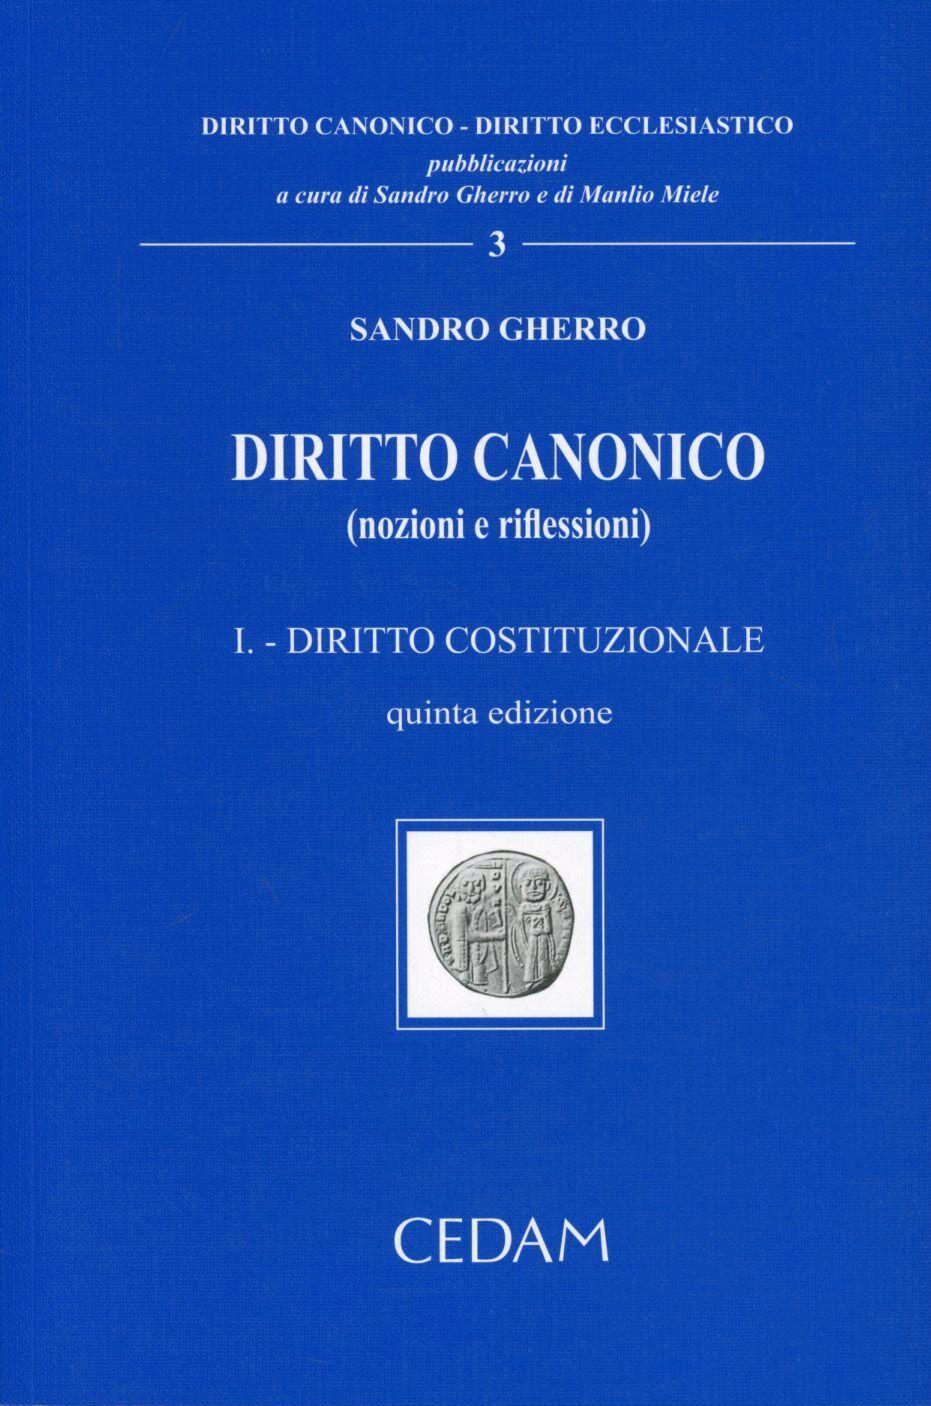 Diritto canonico (nozioni e riflessioni). Vol. 1: Diritto costituzionale.